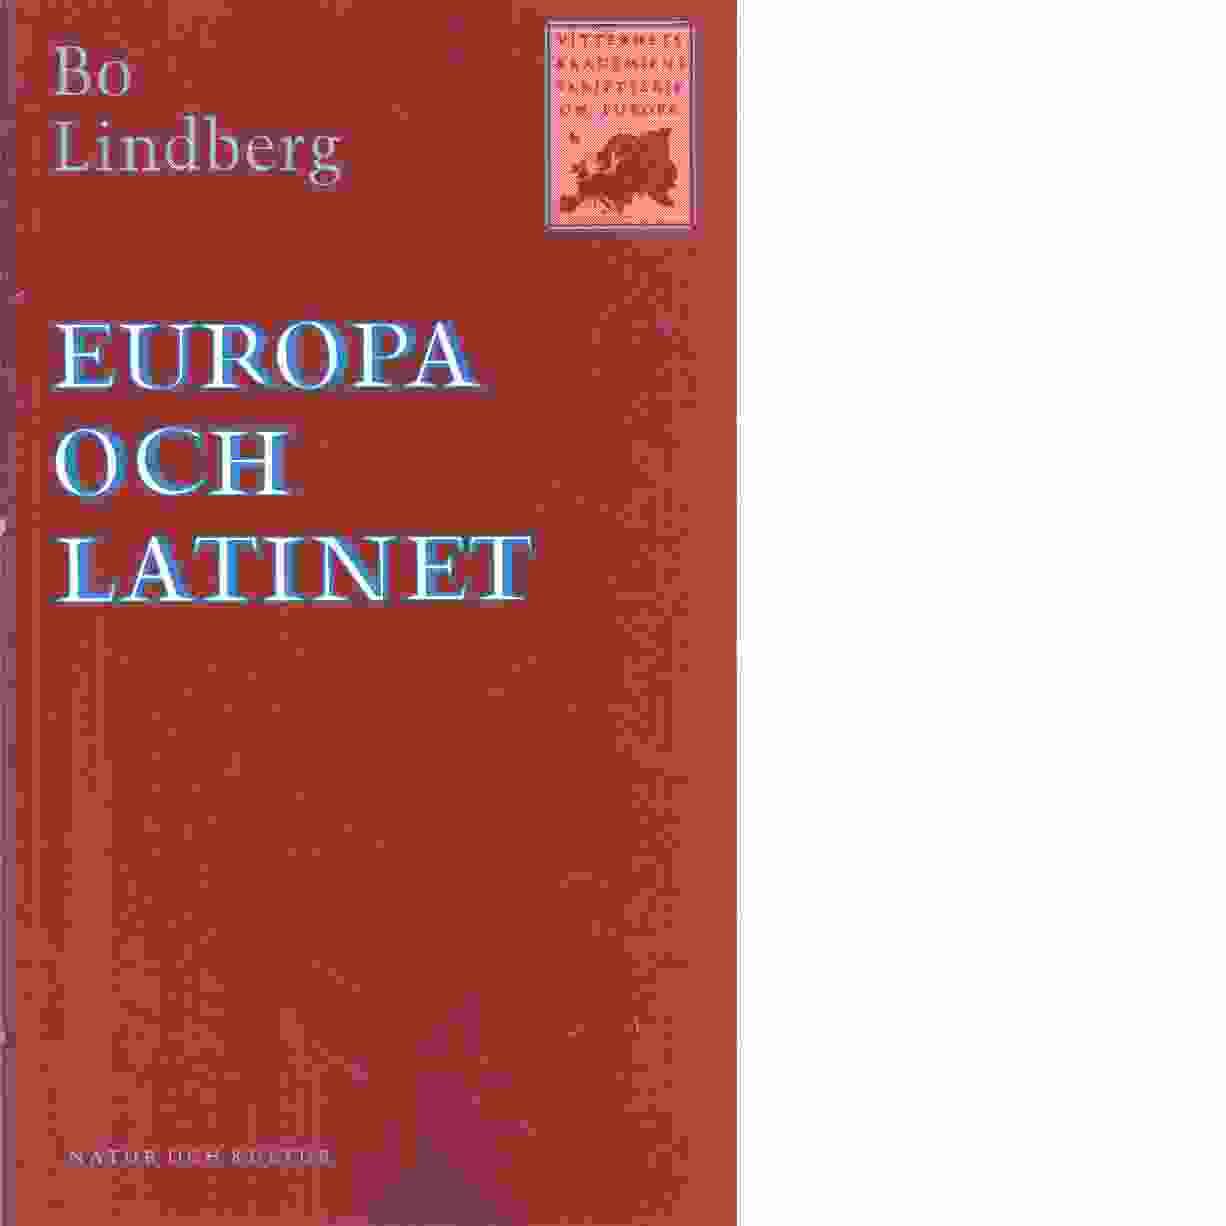 Europa och latinet  - Lindberg, Bo